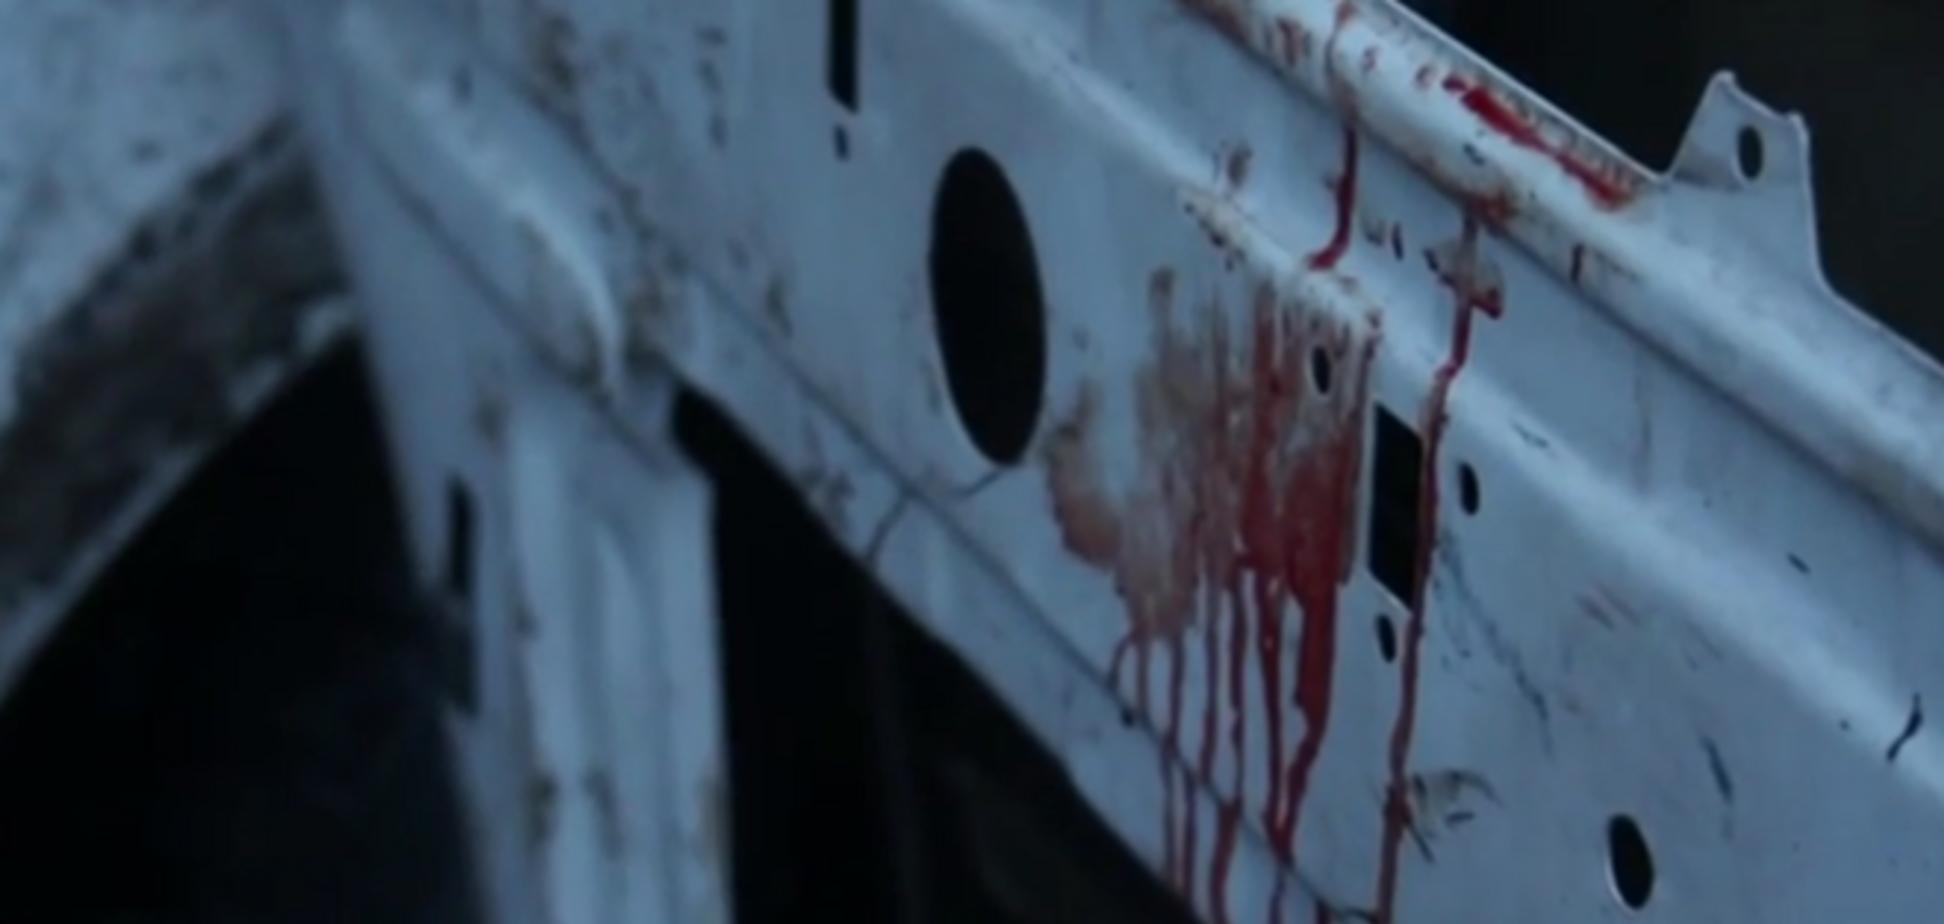 Свидетель ранения Яроша считает, что нардепа спасло чудо: это было прямое попадание из 'Града', от машины ничего не осталось